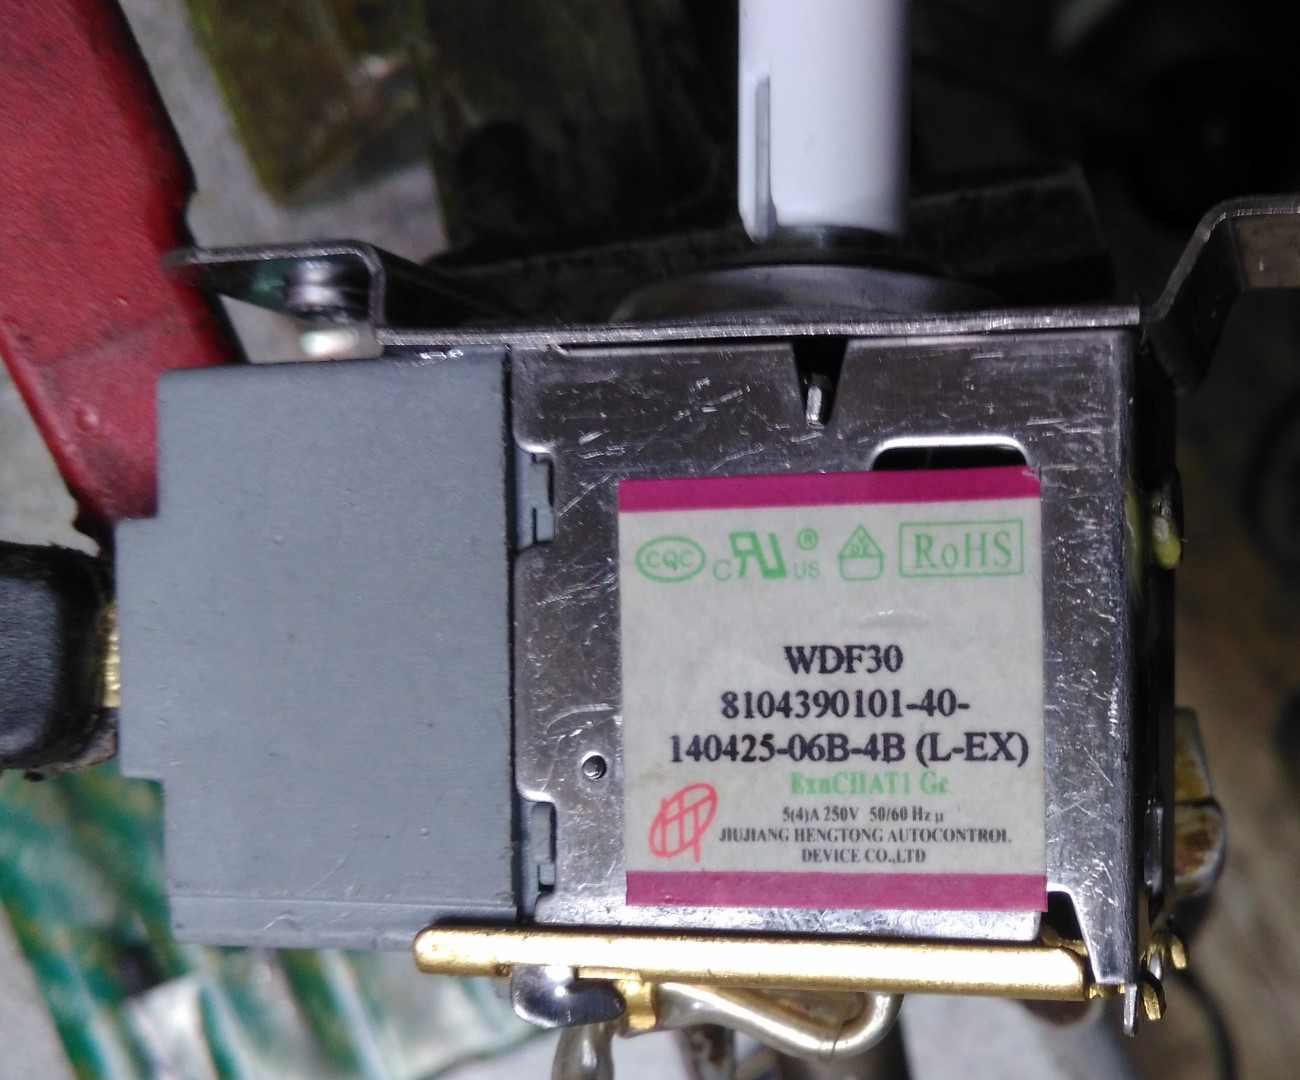 Aldi Kühlschrank Defekt : Kühlschrankthermostat defekt? mikrocontroller.net